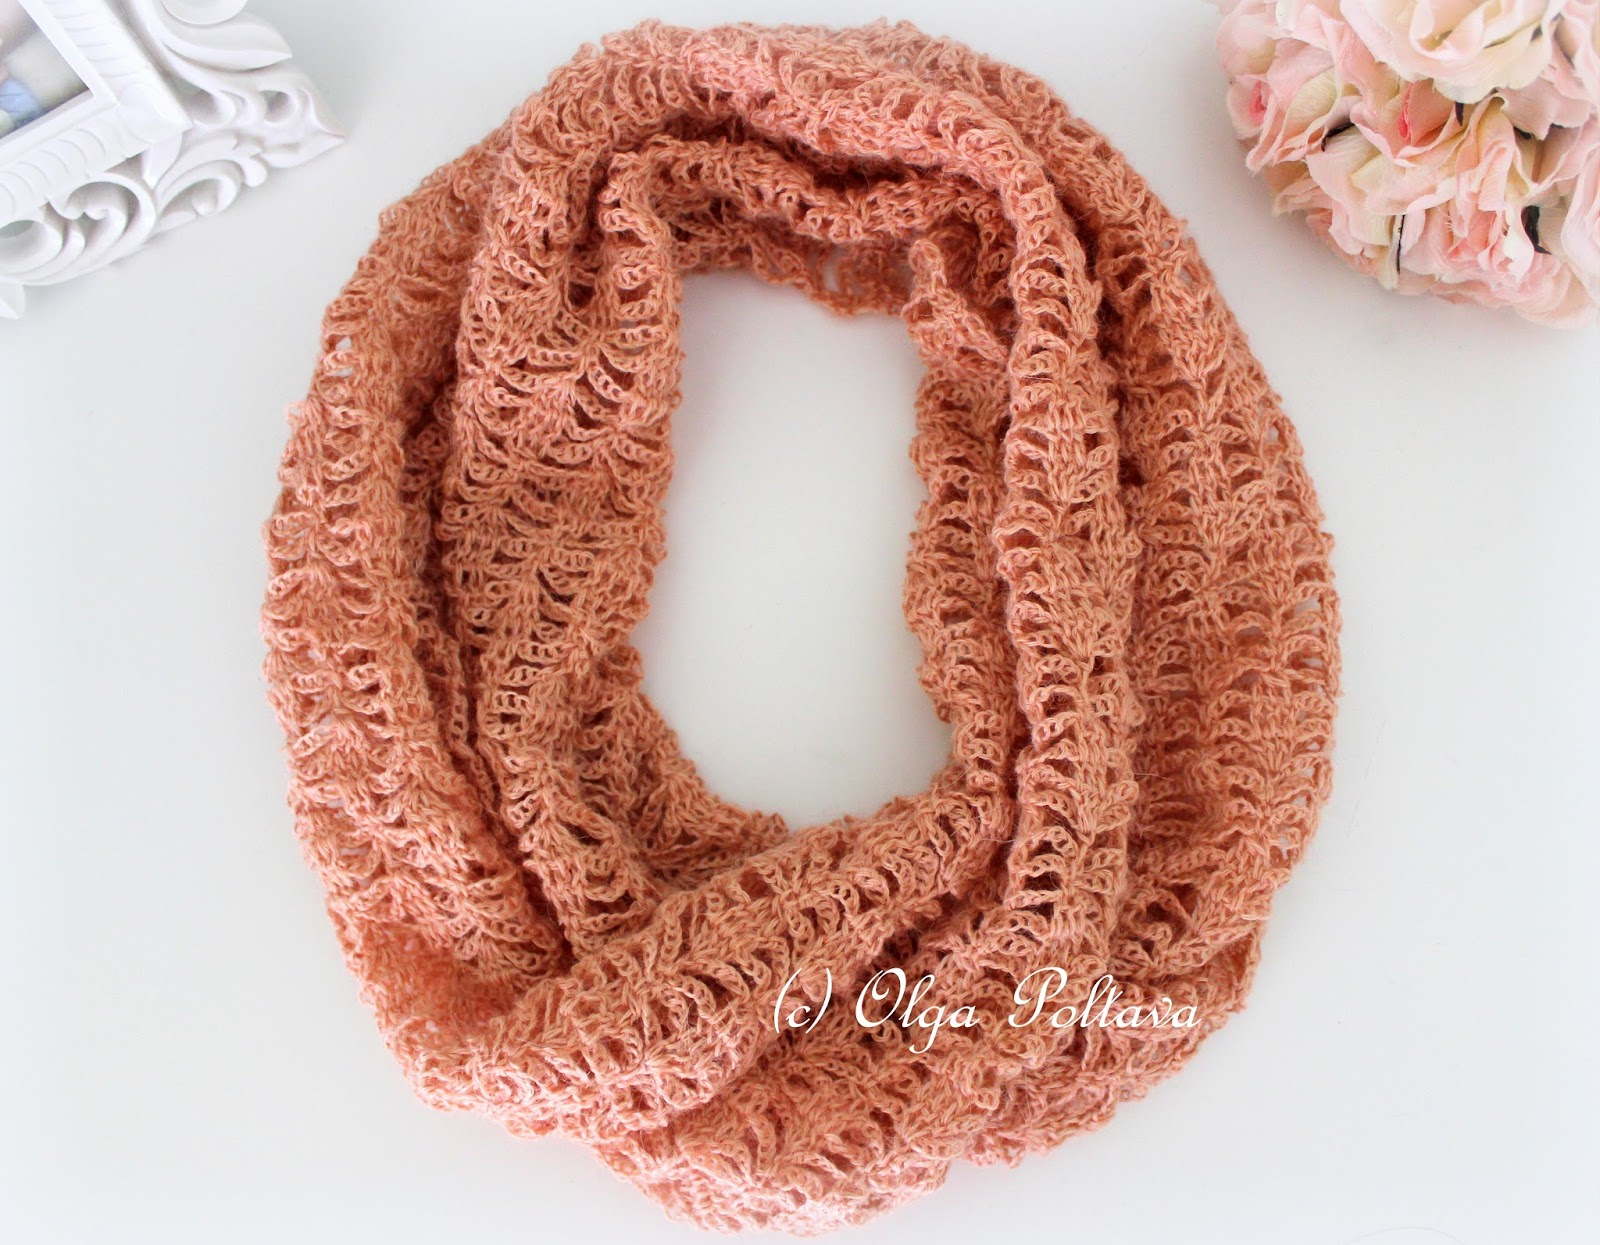 lacy crochet lace infinity crochet scarf